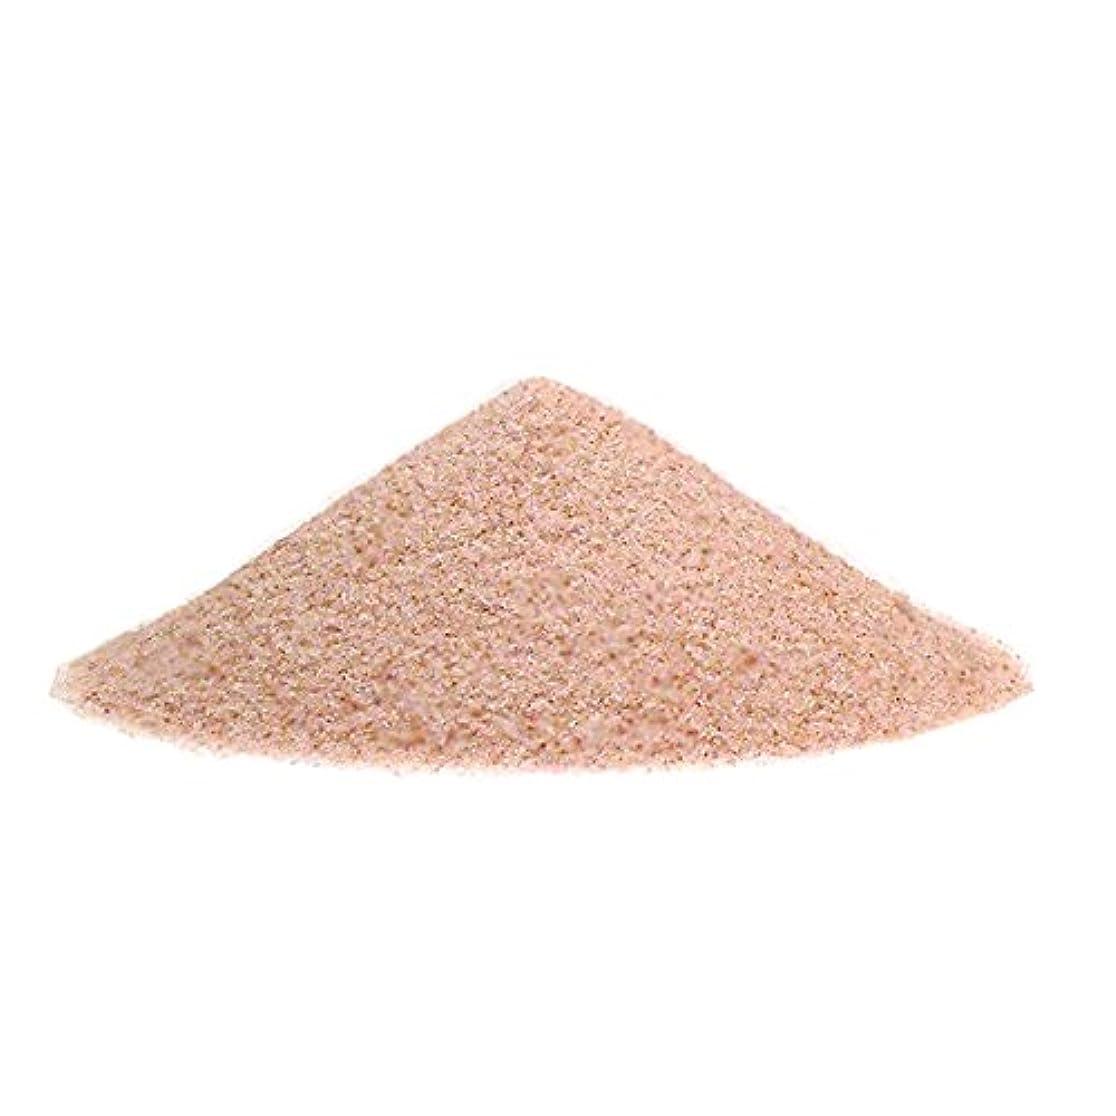 バイバイ参照するシャベルヒマラヤ岩塩 ピンクソルト 入浴用 バスソルト(微粒パウダー)5kg ピンク岩塩